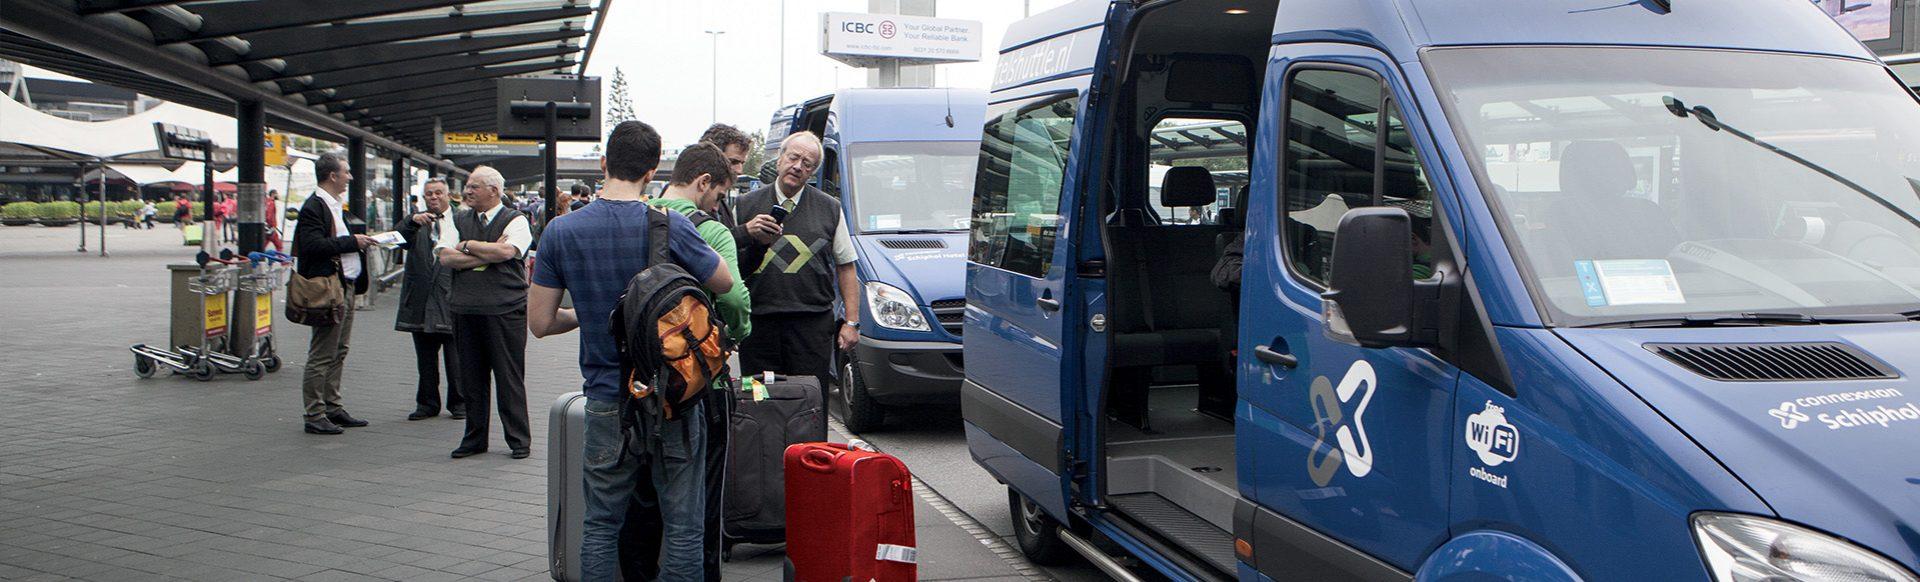 aéroport, compagnie aérienne, navette, transdev, mobilité